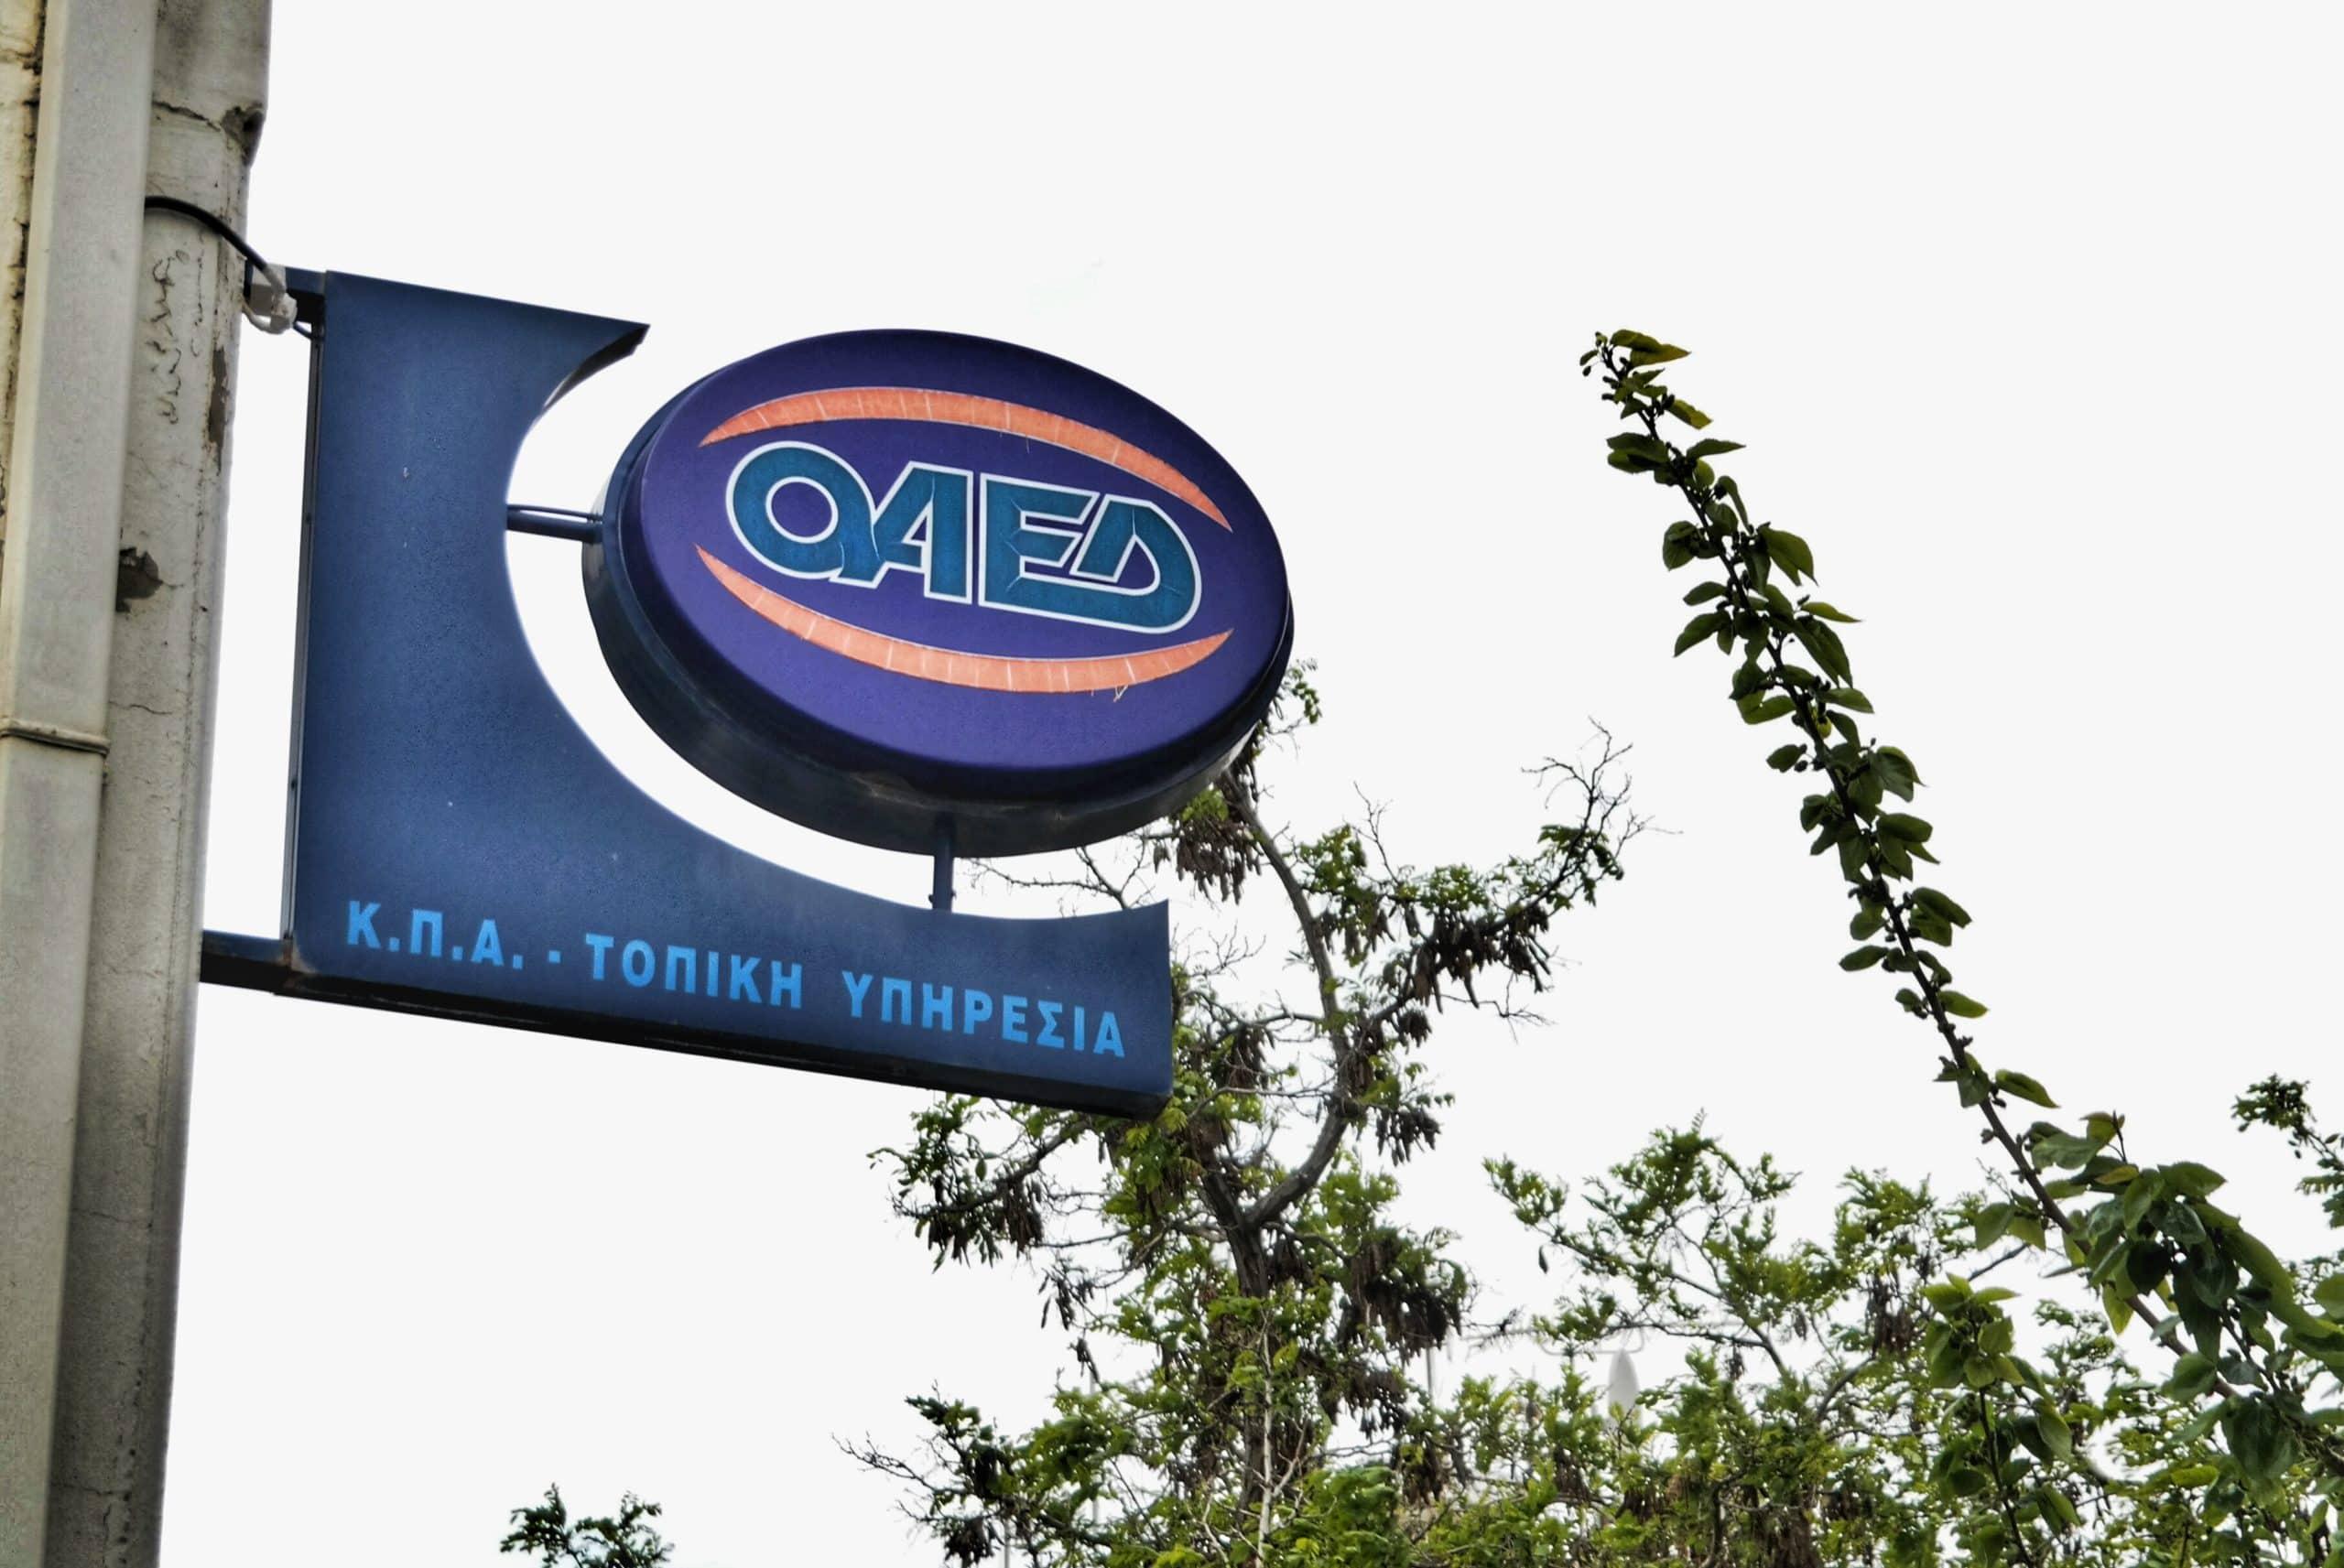 Επίδομα Ανεργίας ΟΑΕΔ Δώρο Πάσχα νωρίτερα λόγω Covid-19 ΟΑΕΔ: Αλλαγές στην επιδότηση ανέργων λόγω κορονοϊου